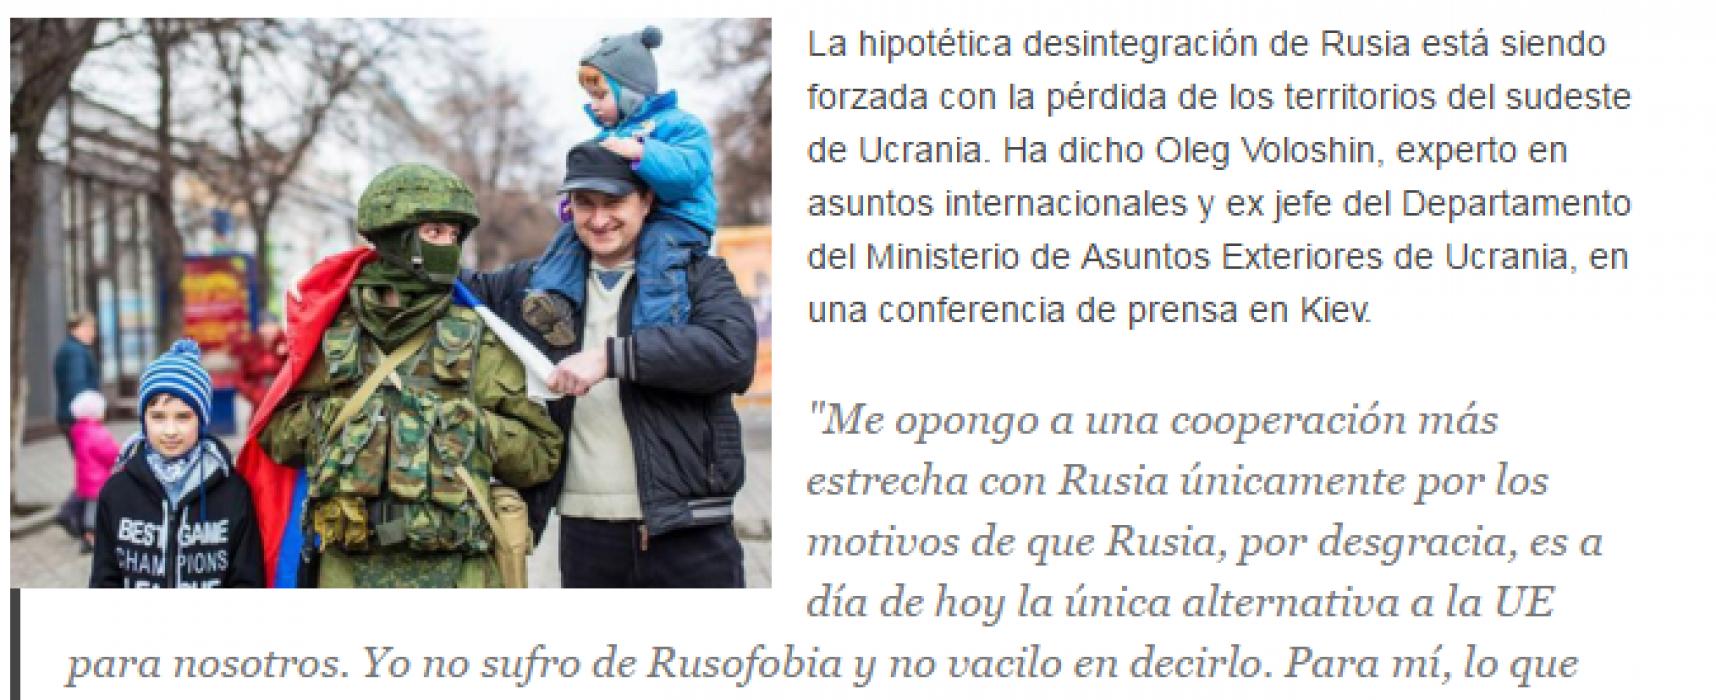 Falso: un diplomático ucraniano dijo que Jarkiv y Odesa recibirían con flores a los tanques rusos